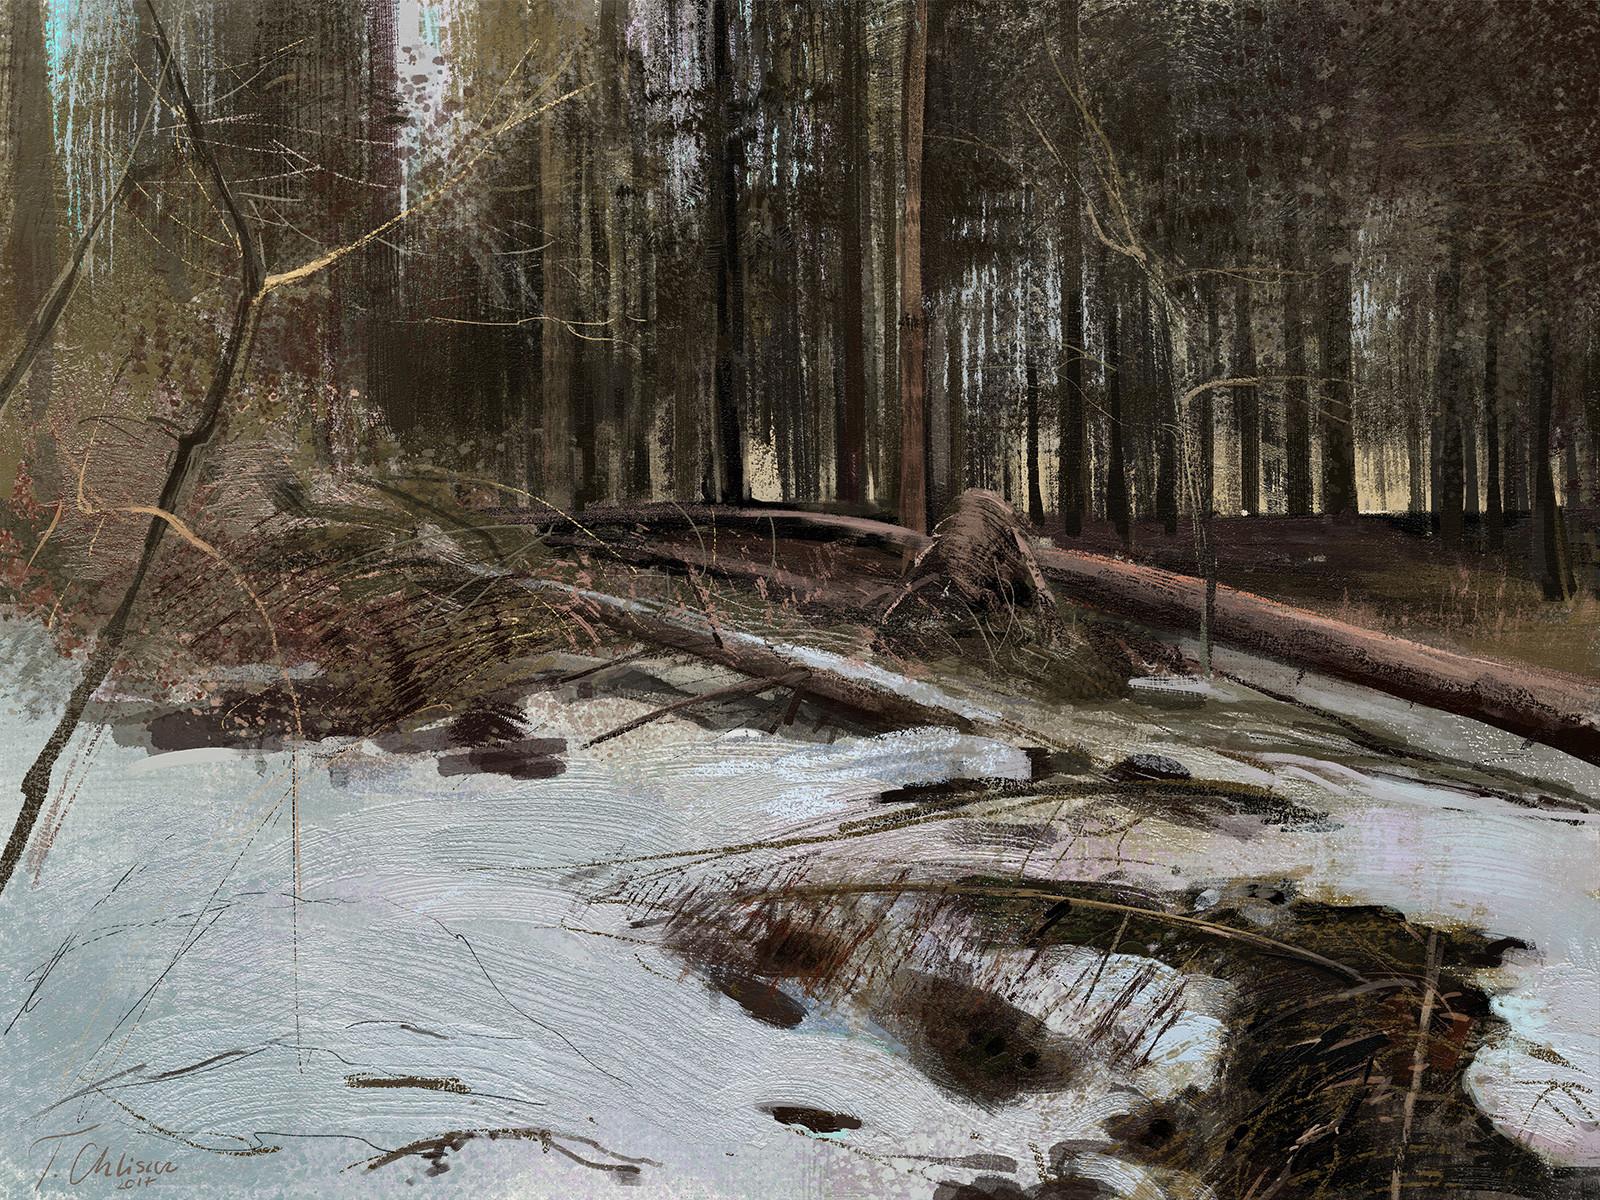 Tymoteusz chliszcz landscape30 by chliszcz